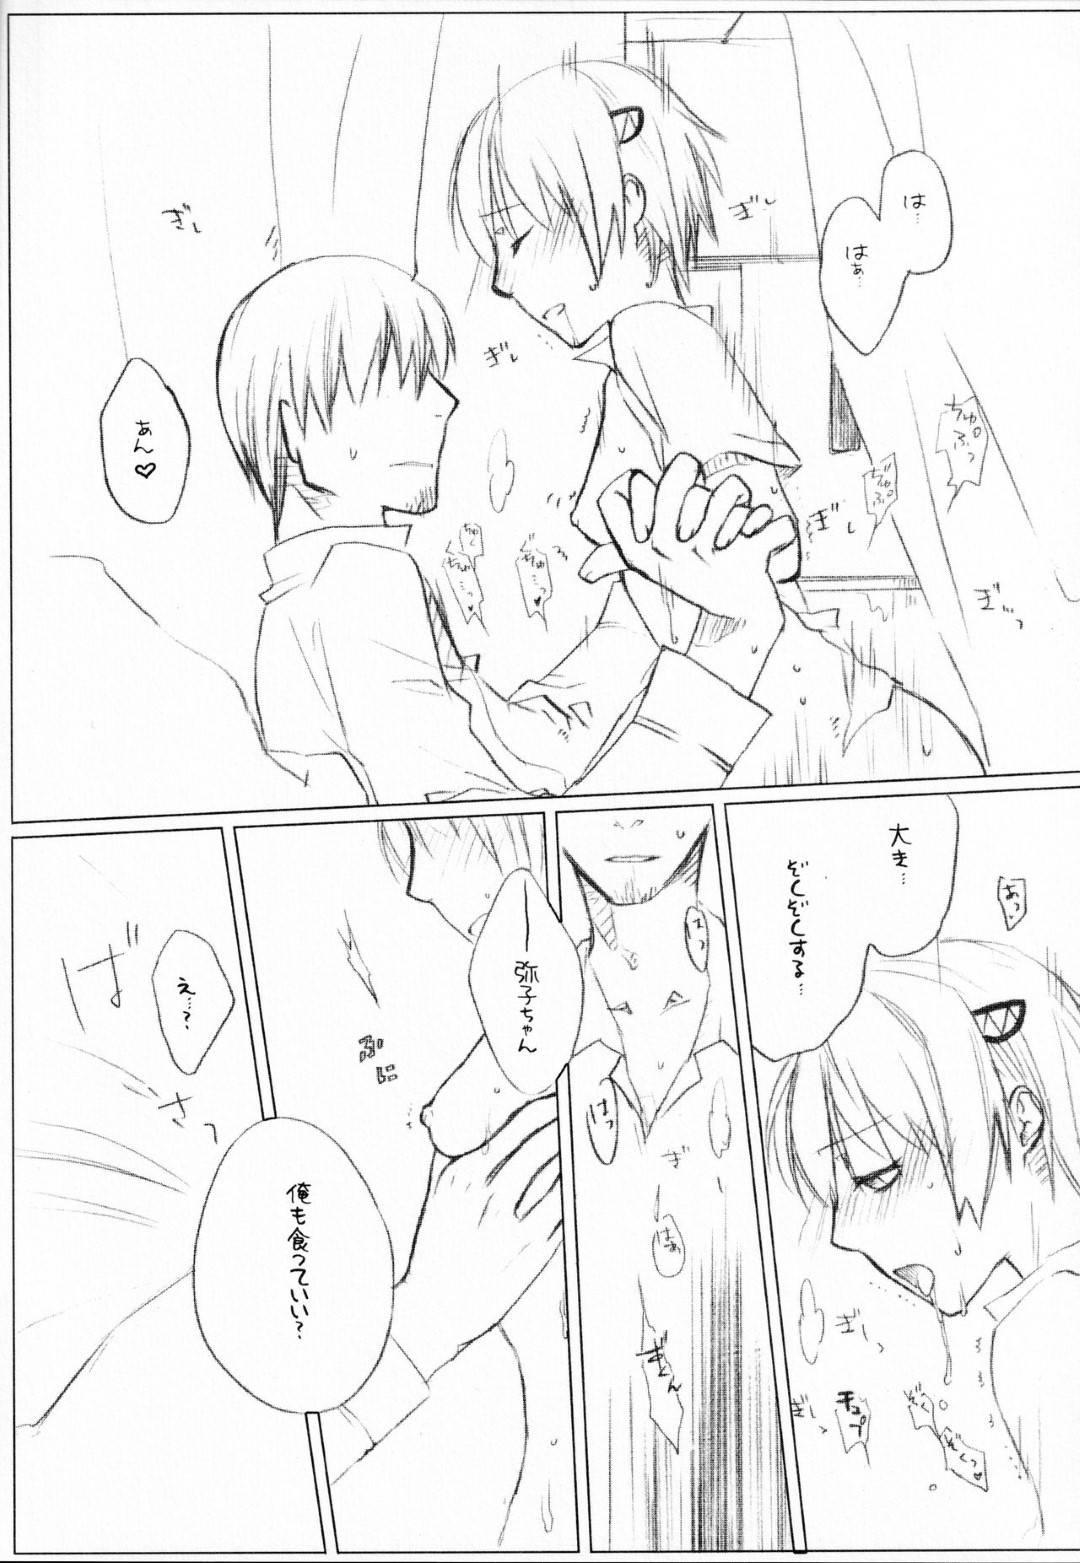 【魔人探偵脳噛ネウロエロ漫画】弥子は、病室で寝ている笹塚の寝込みを襲うとイチャラブ中出しセックスでアクメする【こめ】